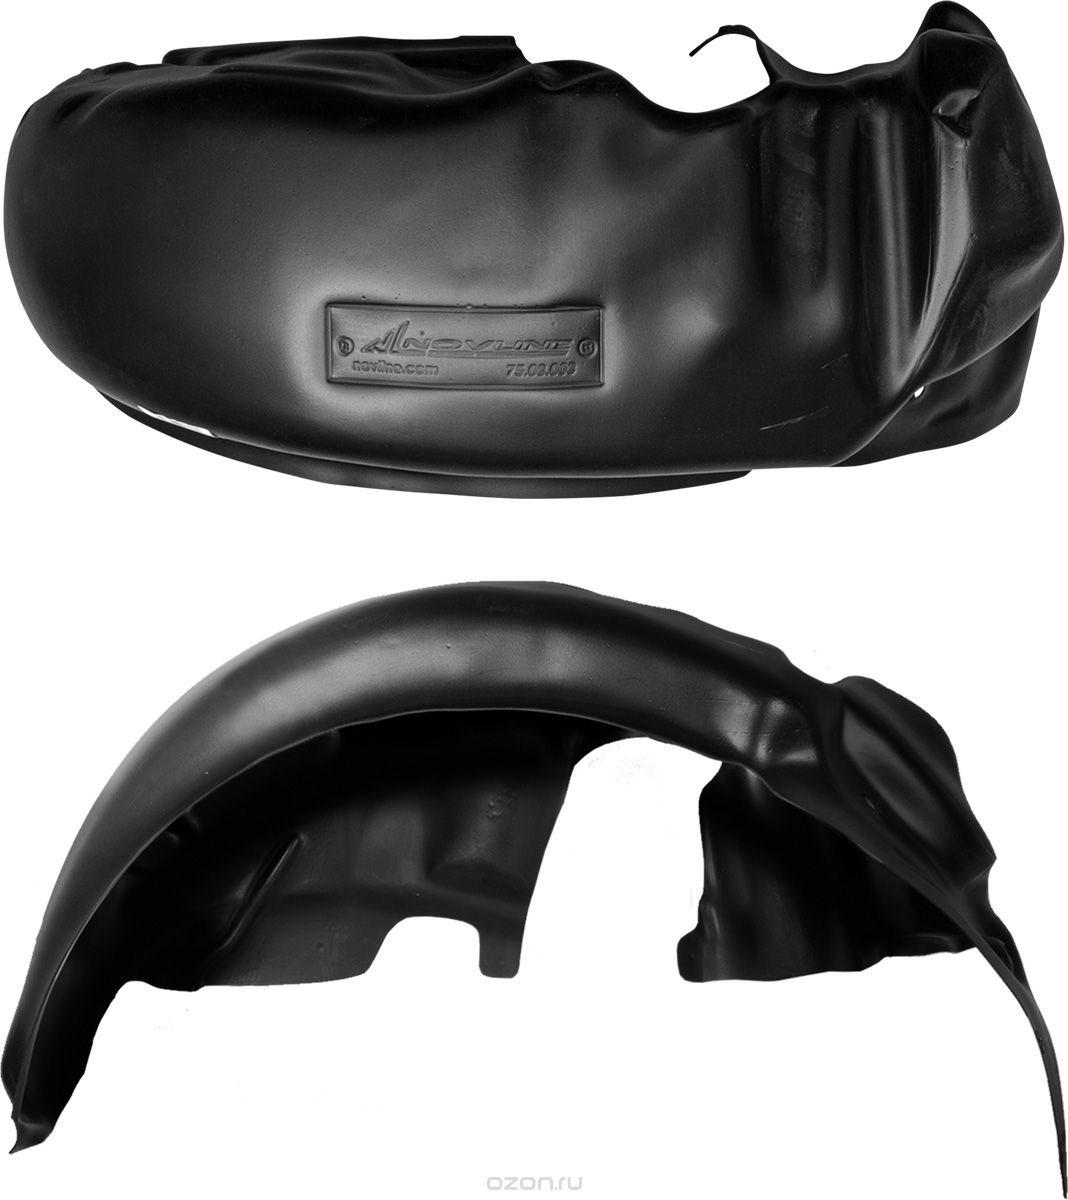 Подкрылок Novline-Autofamily, для BRILLIANCE H530, 06/2014->, задний правыйNLL.95.03.004Идеальная защита колесной ниши. Локеры разработаны с применением цифровых технологий, гарантируют максимальную повторяемость поверхности арки. Изделия устанавливаются без нарушения лакокрасочного покрытия автомобиля, каждый подкрылок комплектуется крепежом. Уважаемые клиенты, обращаем ваше внимание, что фотографии на подкрылки универсальные и не отражают реальную форму изделия. При этом само изделие идет точно под размер указанного автомобиля.